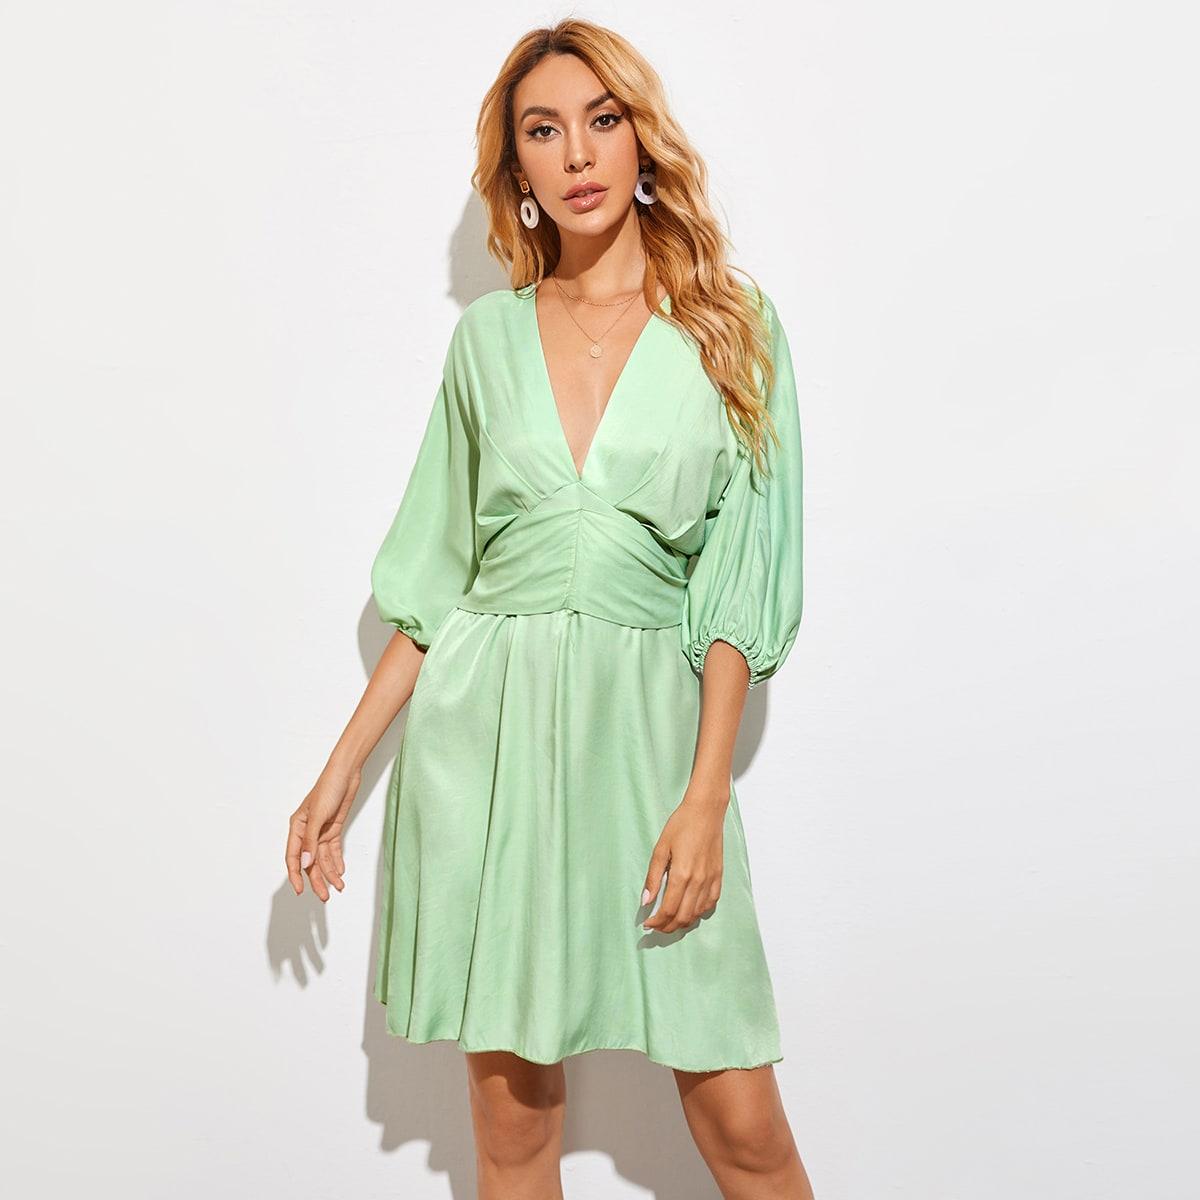 SHEIN / Tie Back Lantern Sleeve Empire Waist Dress